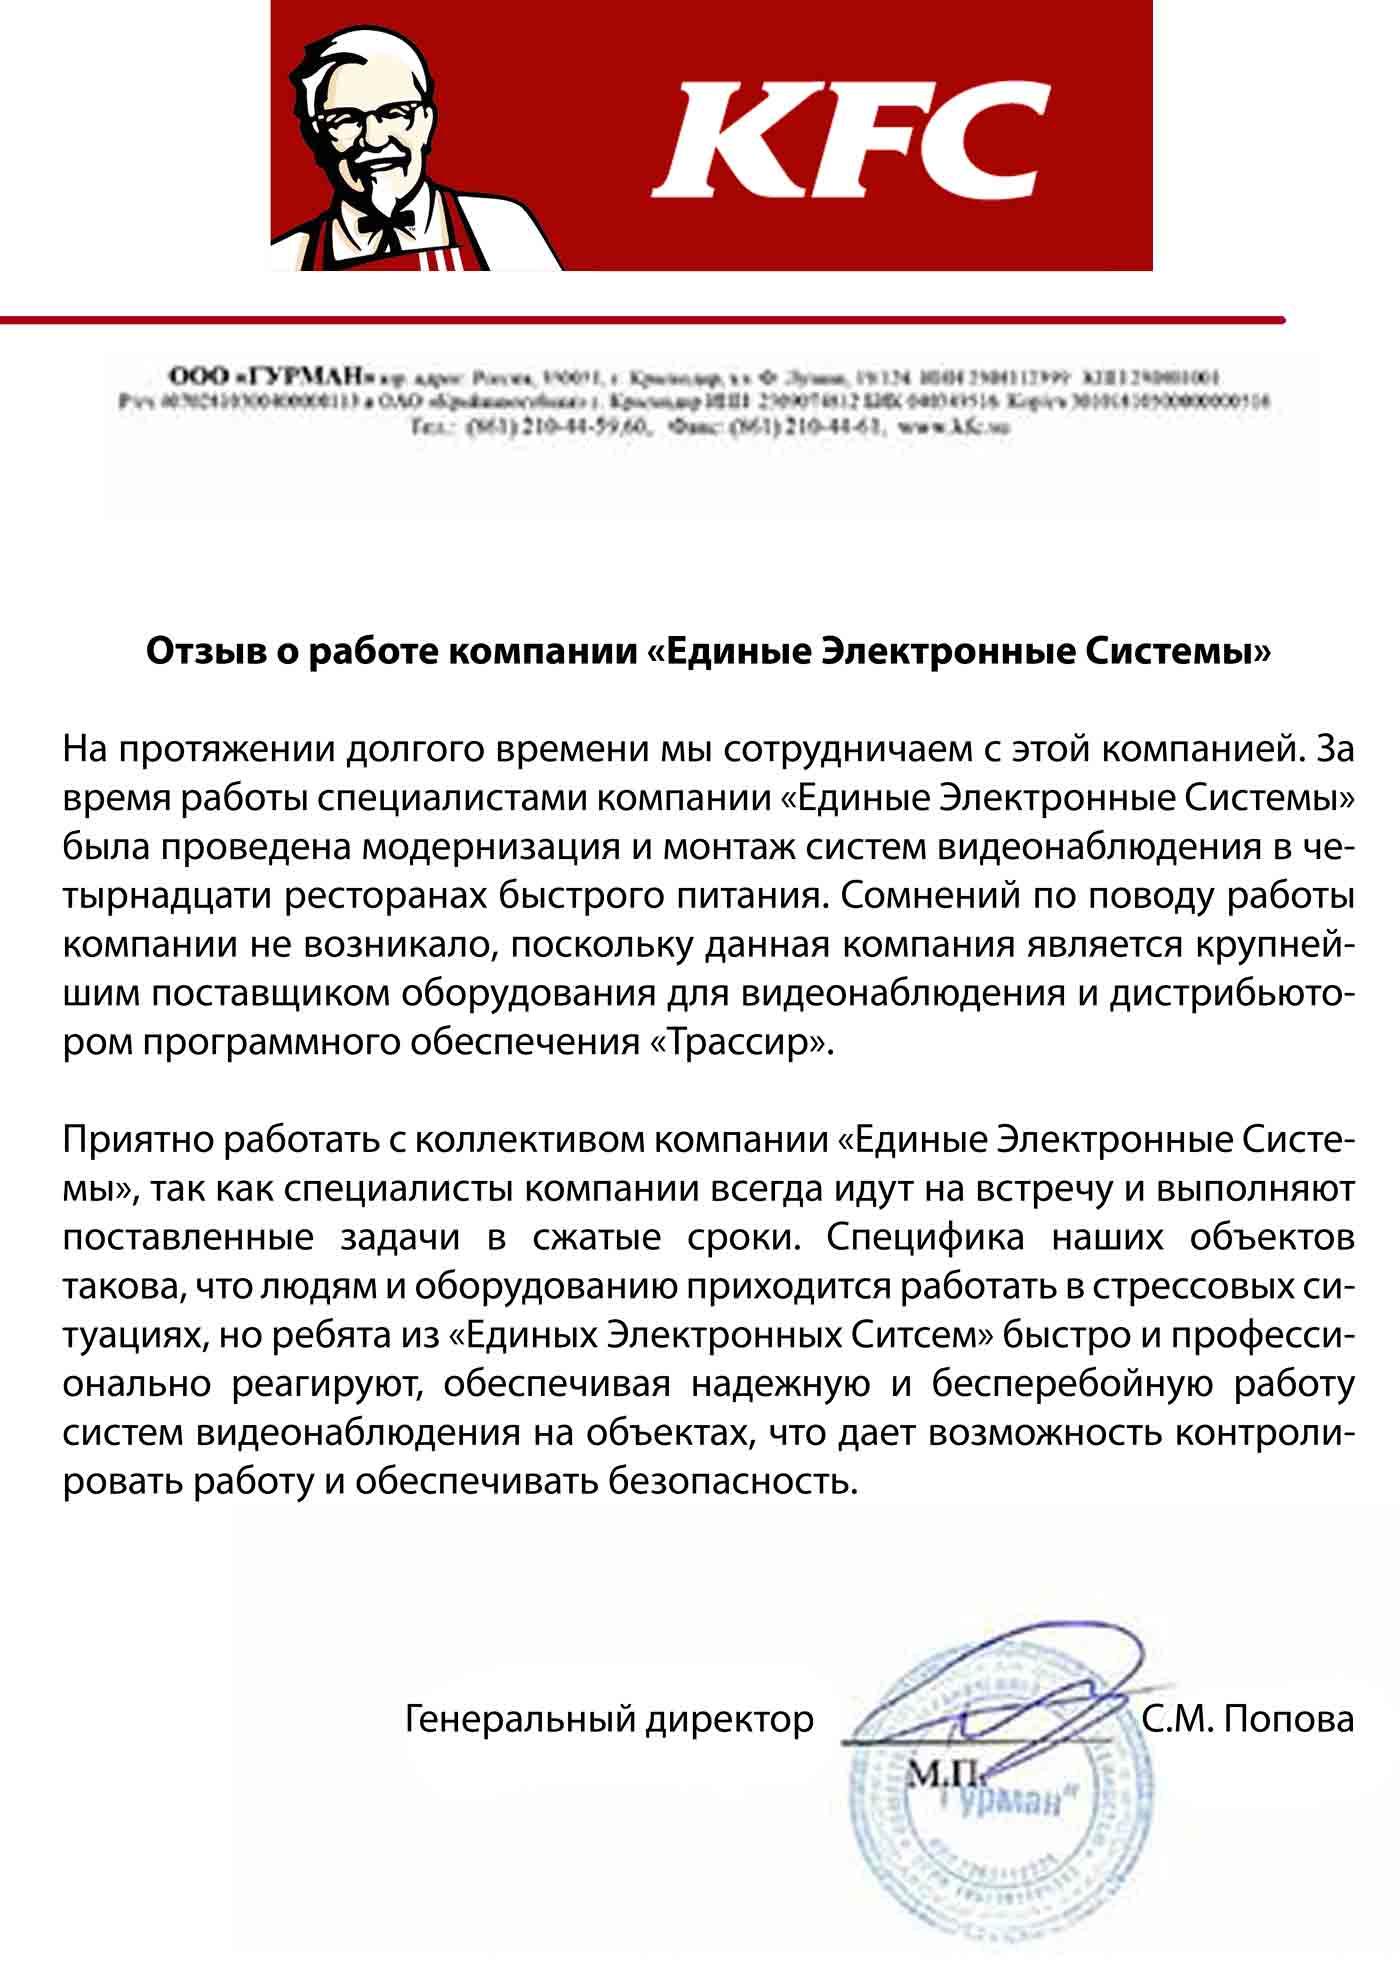 Сайты об отзывах компаний рязанская городская энергосбытовая компания официальный сайт